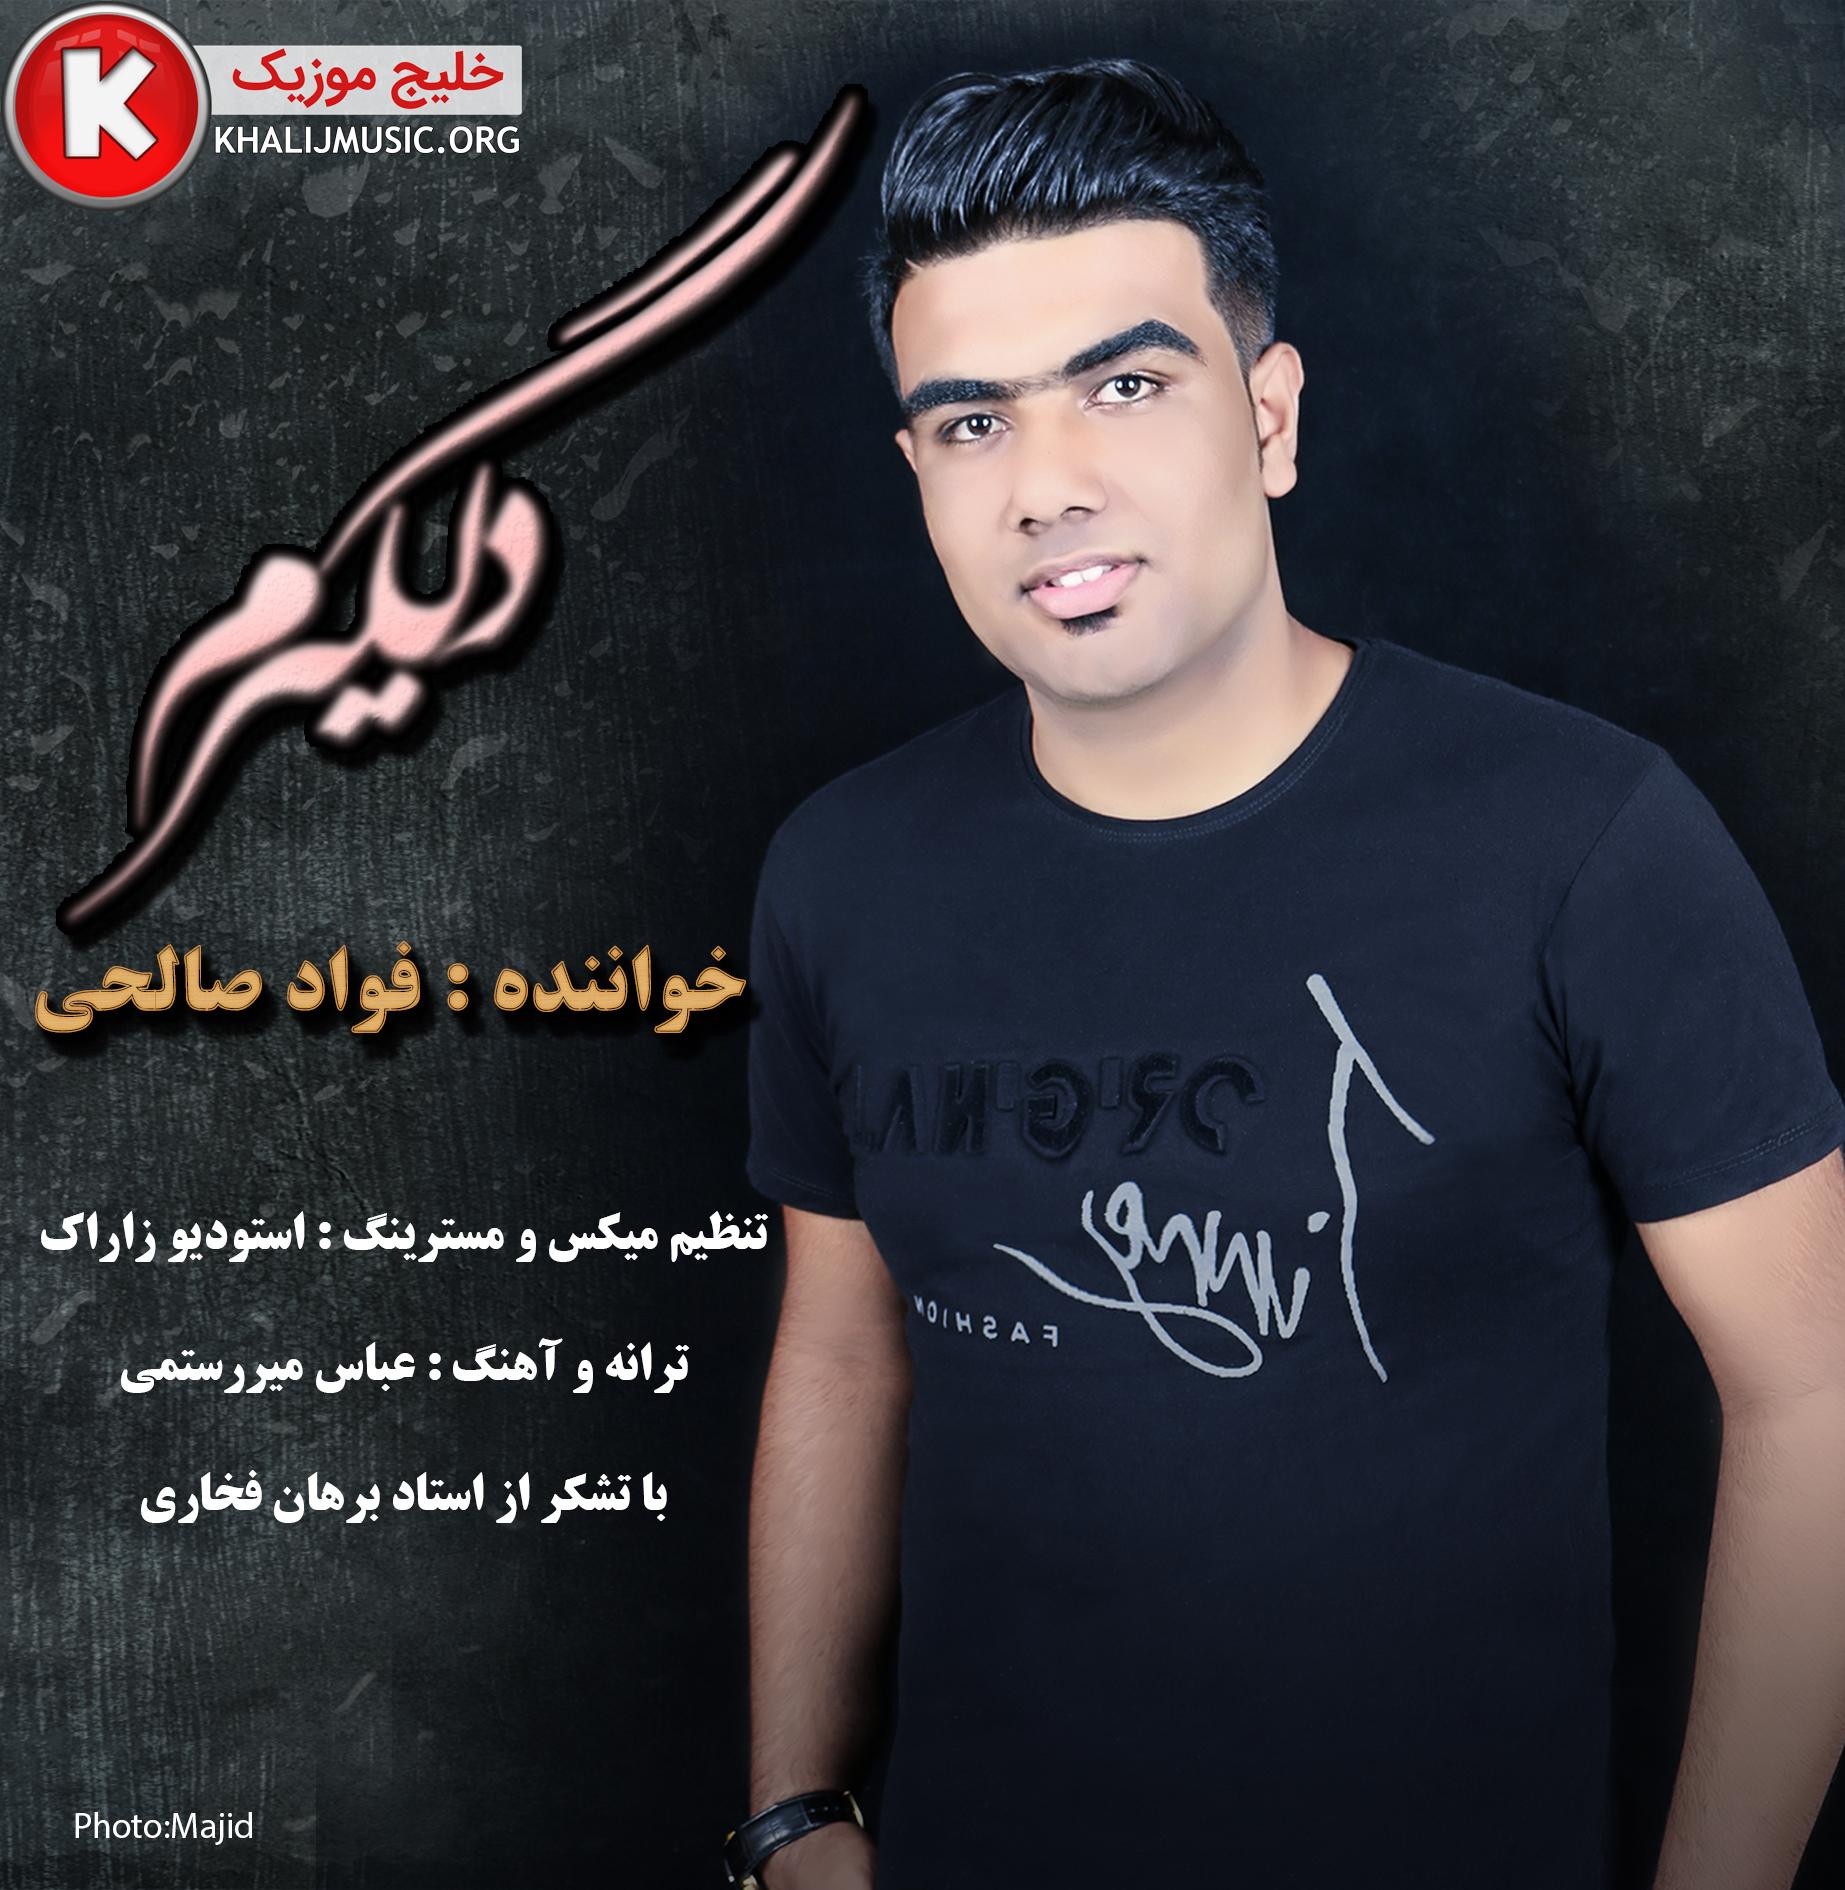 http://dl2.khalijmusic.us/ax/fahad.jpg